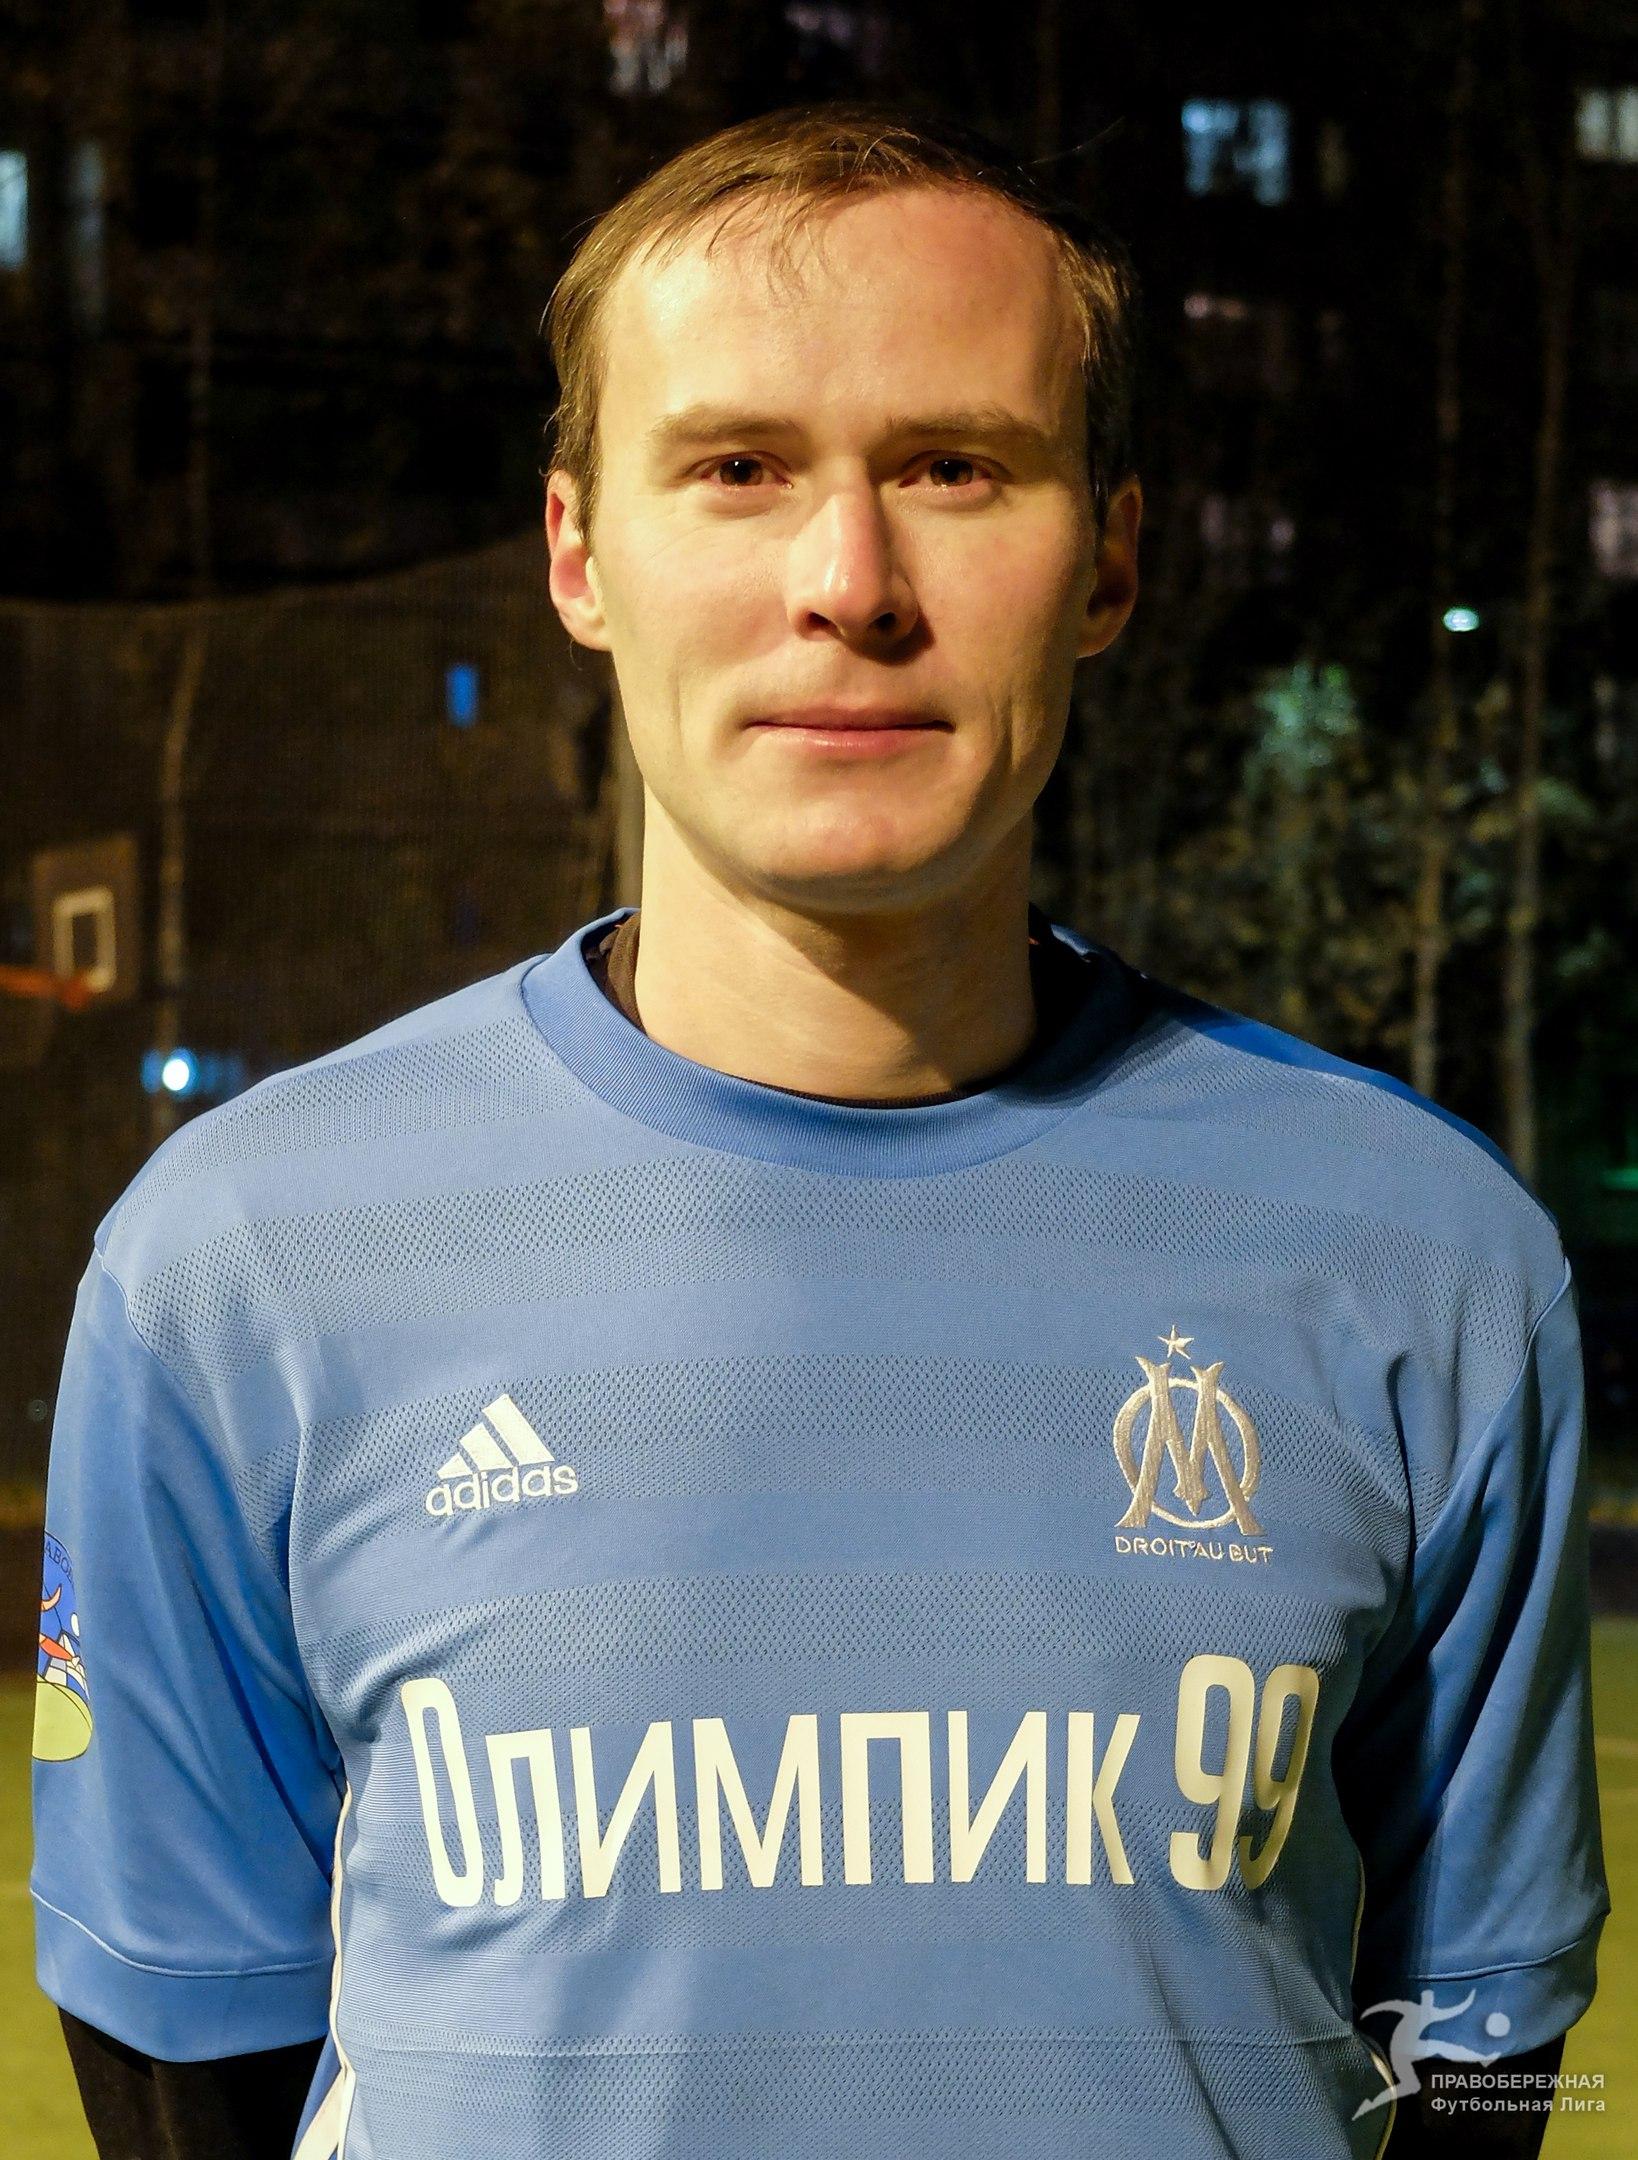 Словеснов Александр